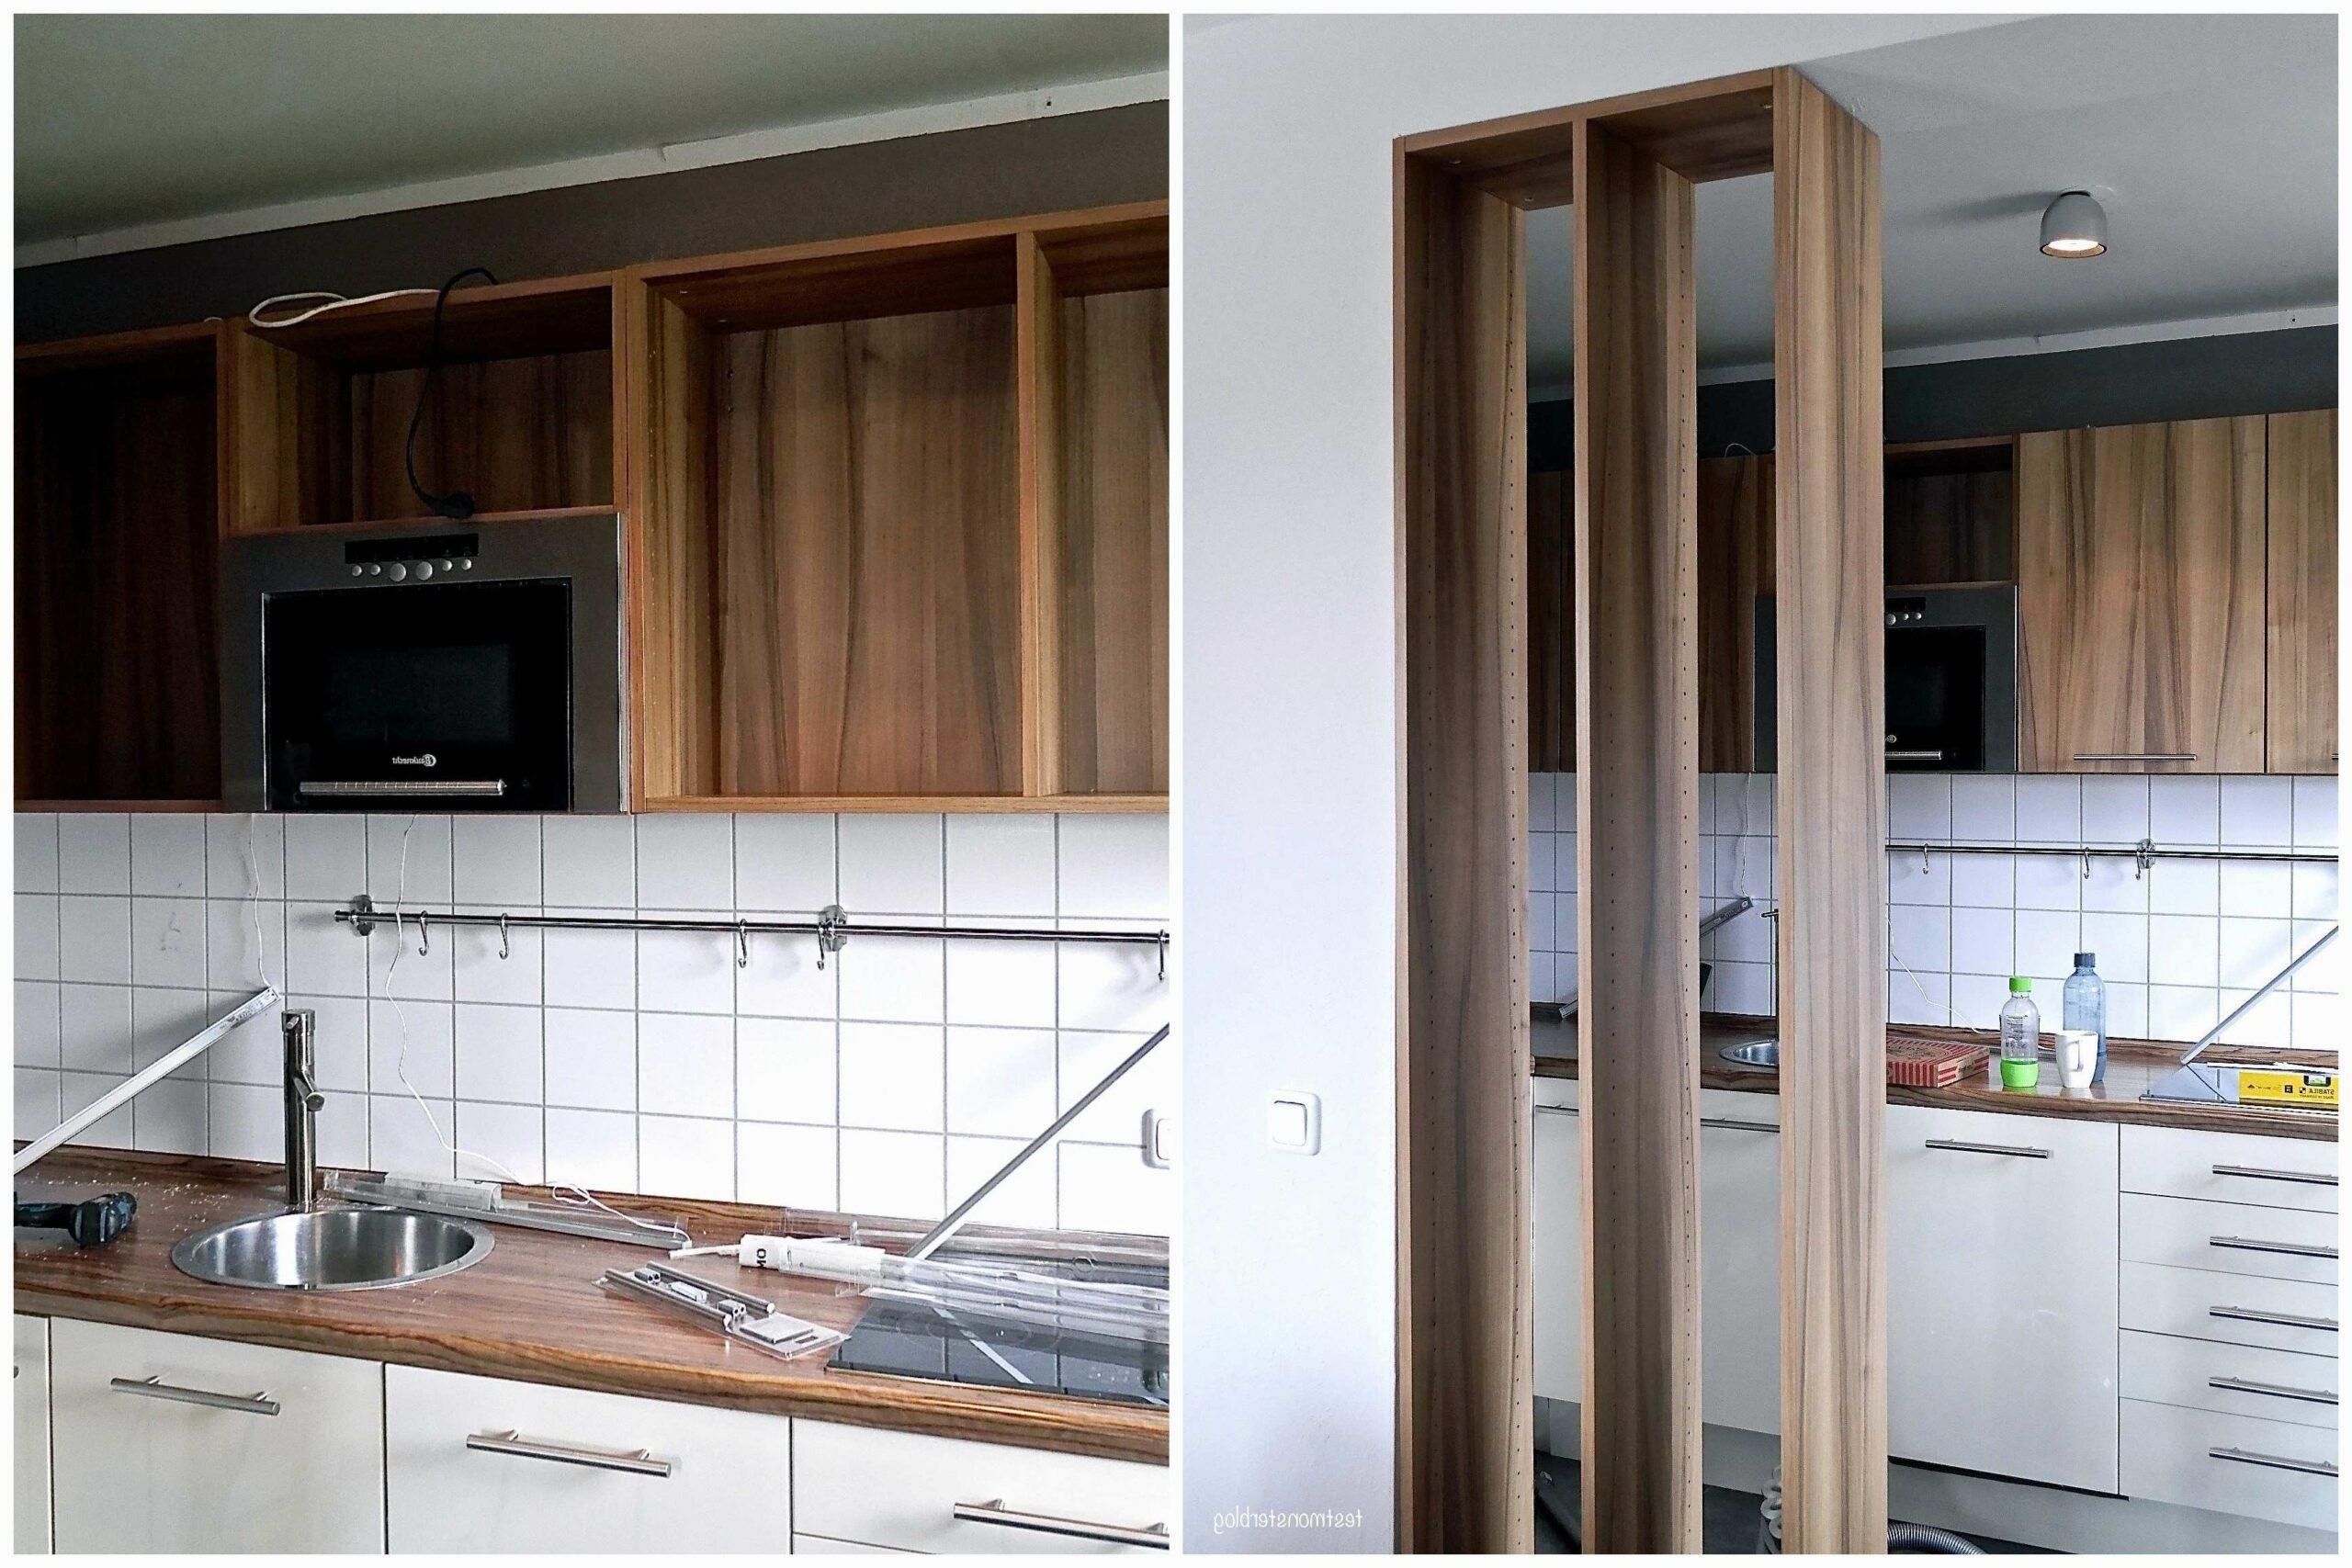 Full Size of Küchen Raffrollo Wohnzimmer Modern Reizend Kuche Schn Küche Regal Wohnzimmer Küchen Raffrollo